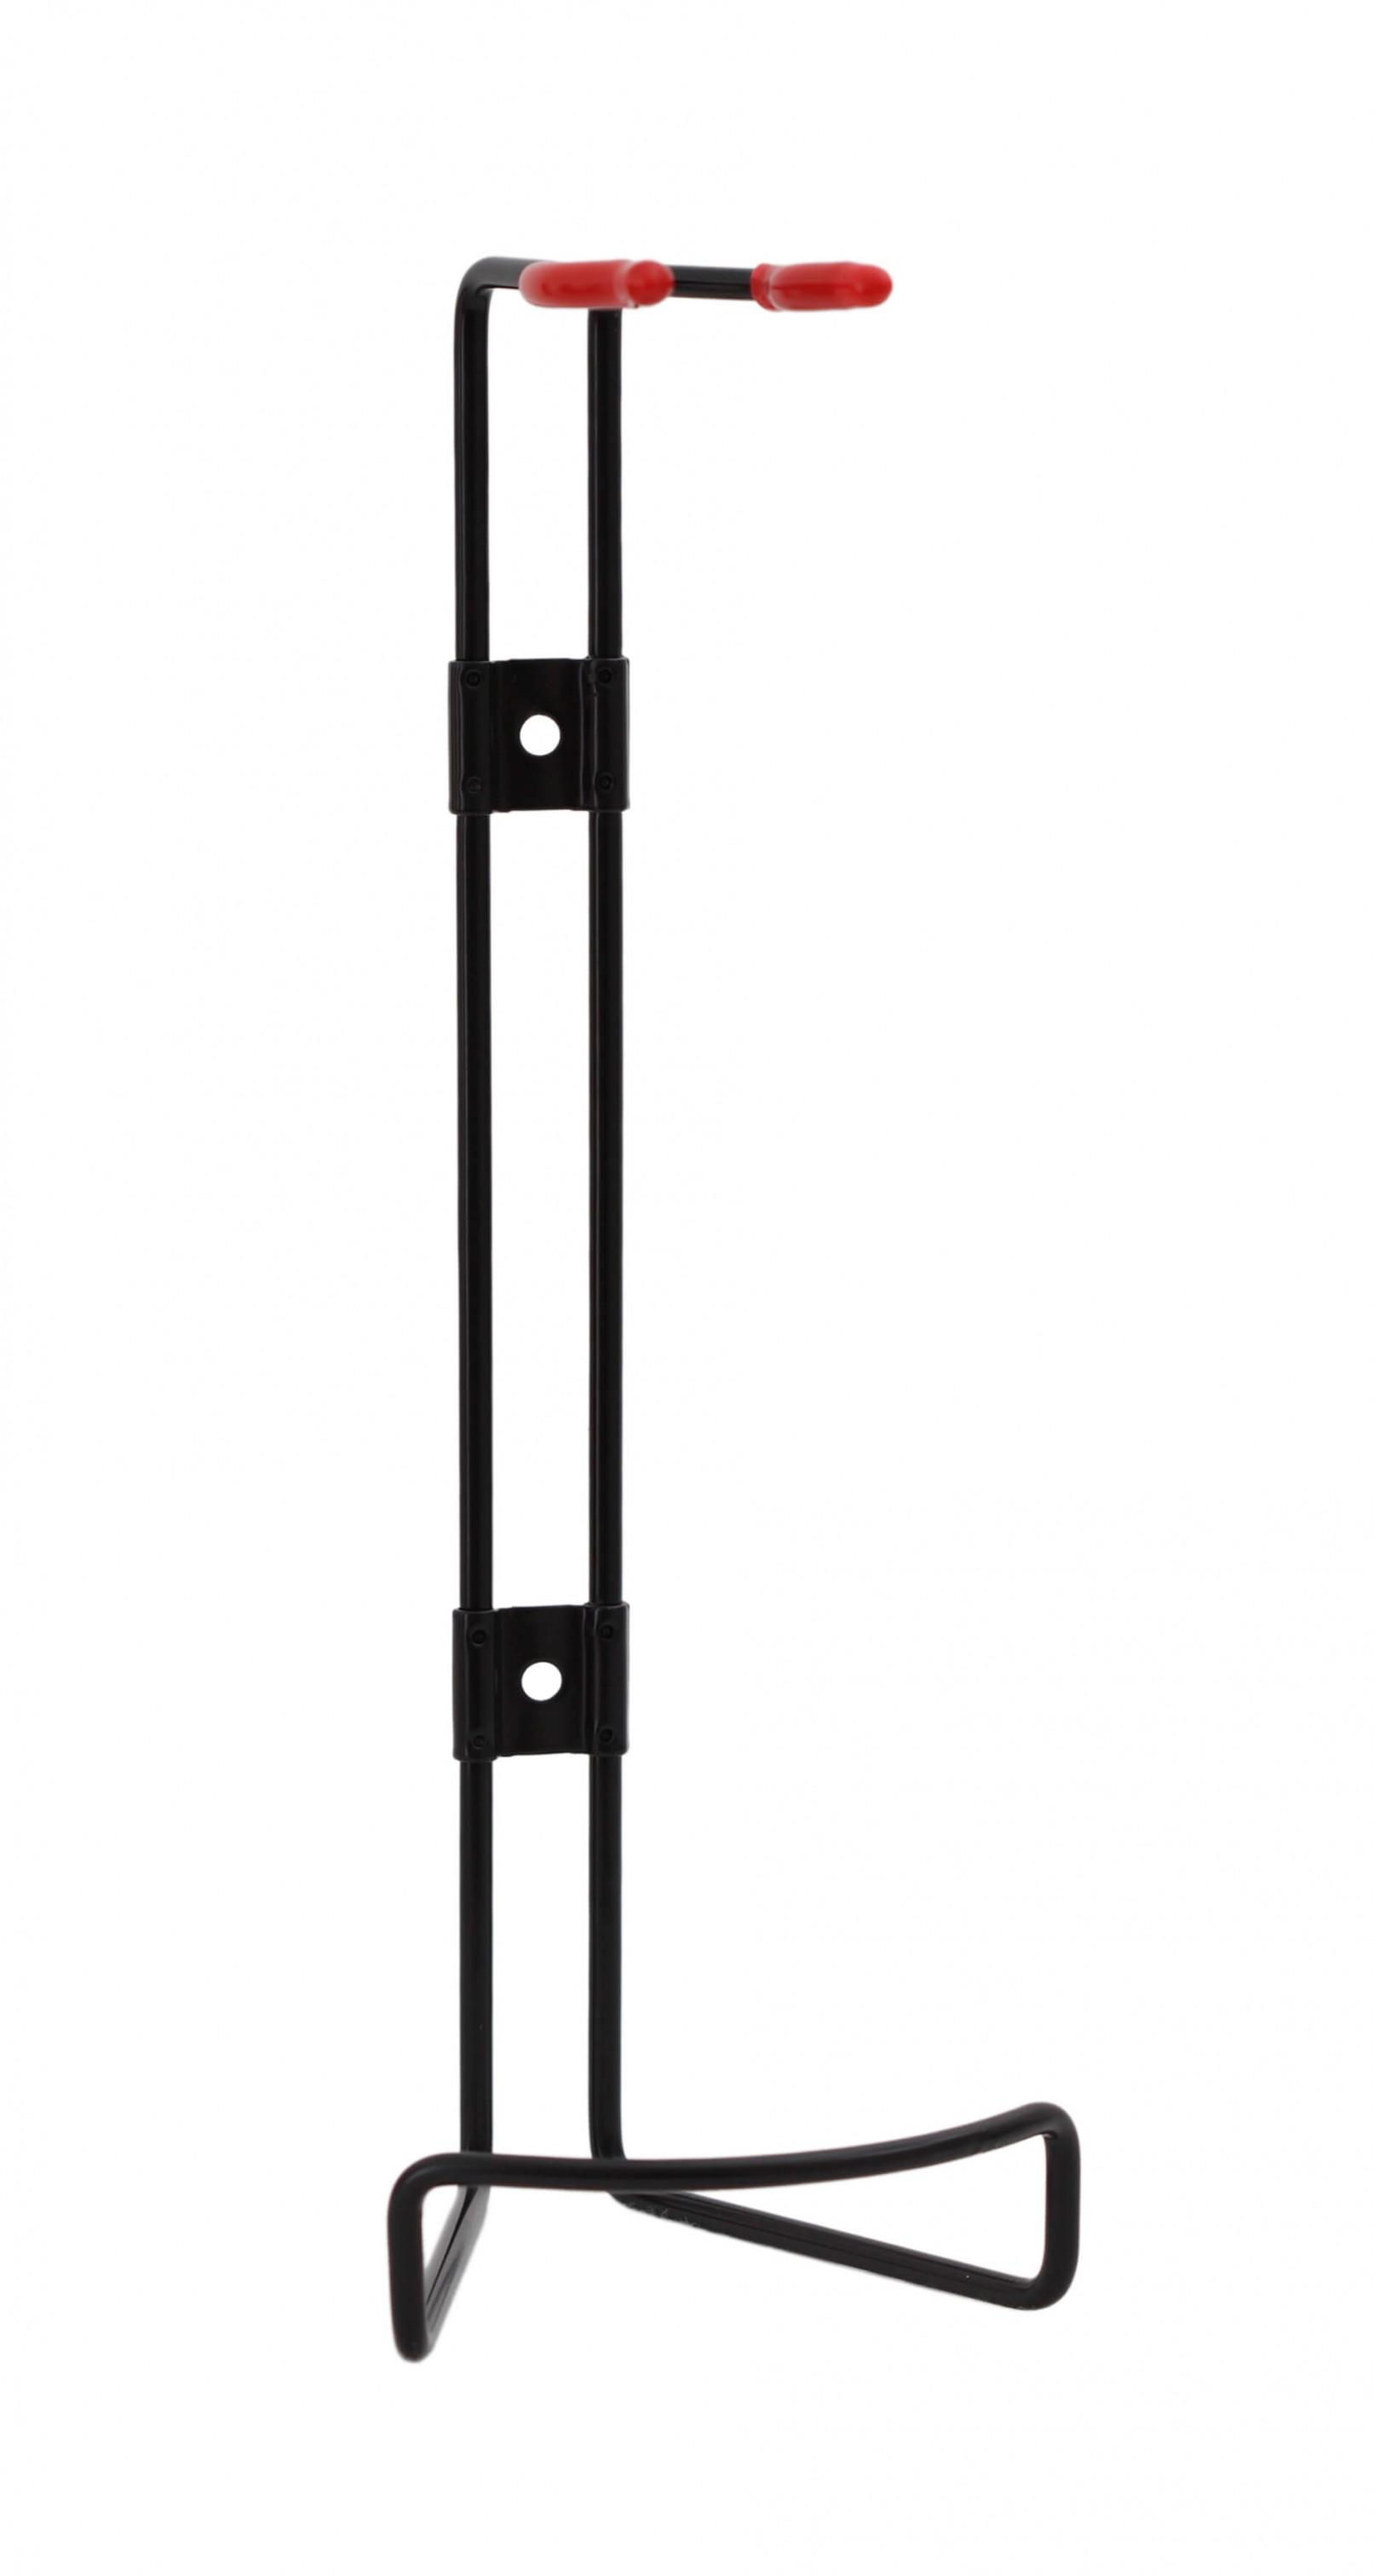 feuerl scher 1kg abc pulver auto feuerl scher mit kfz drahthalter en 3 inkl andris. Black Bedroom Furniture Sets. Home Design Ideas